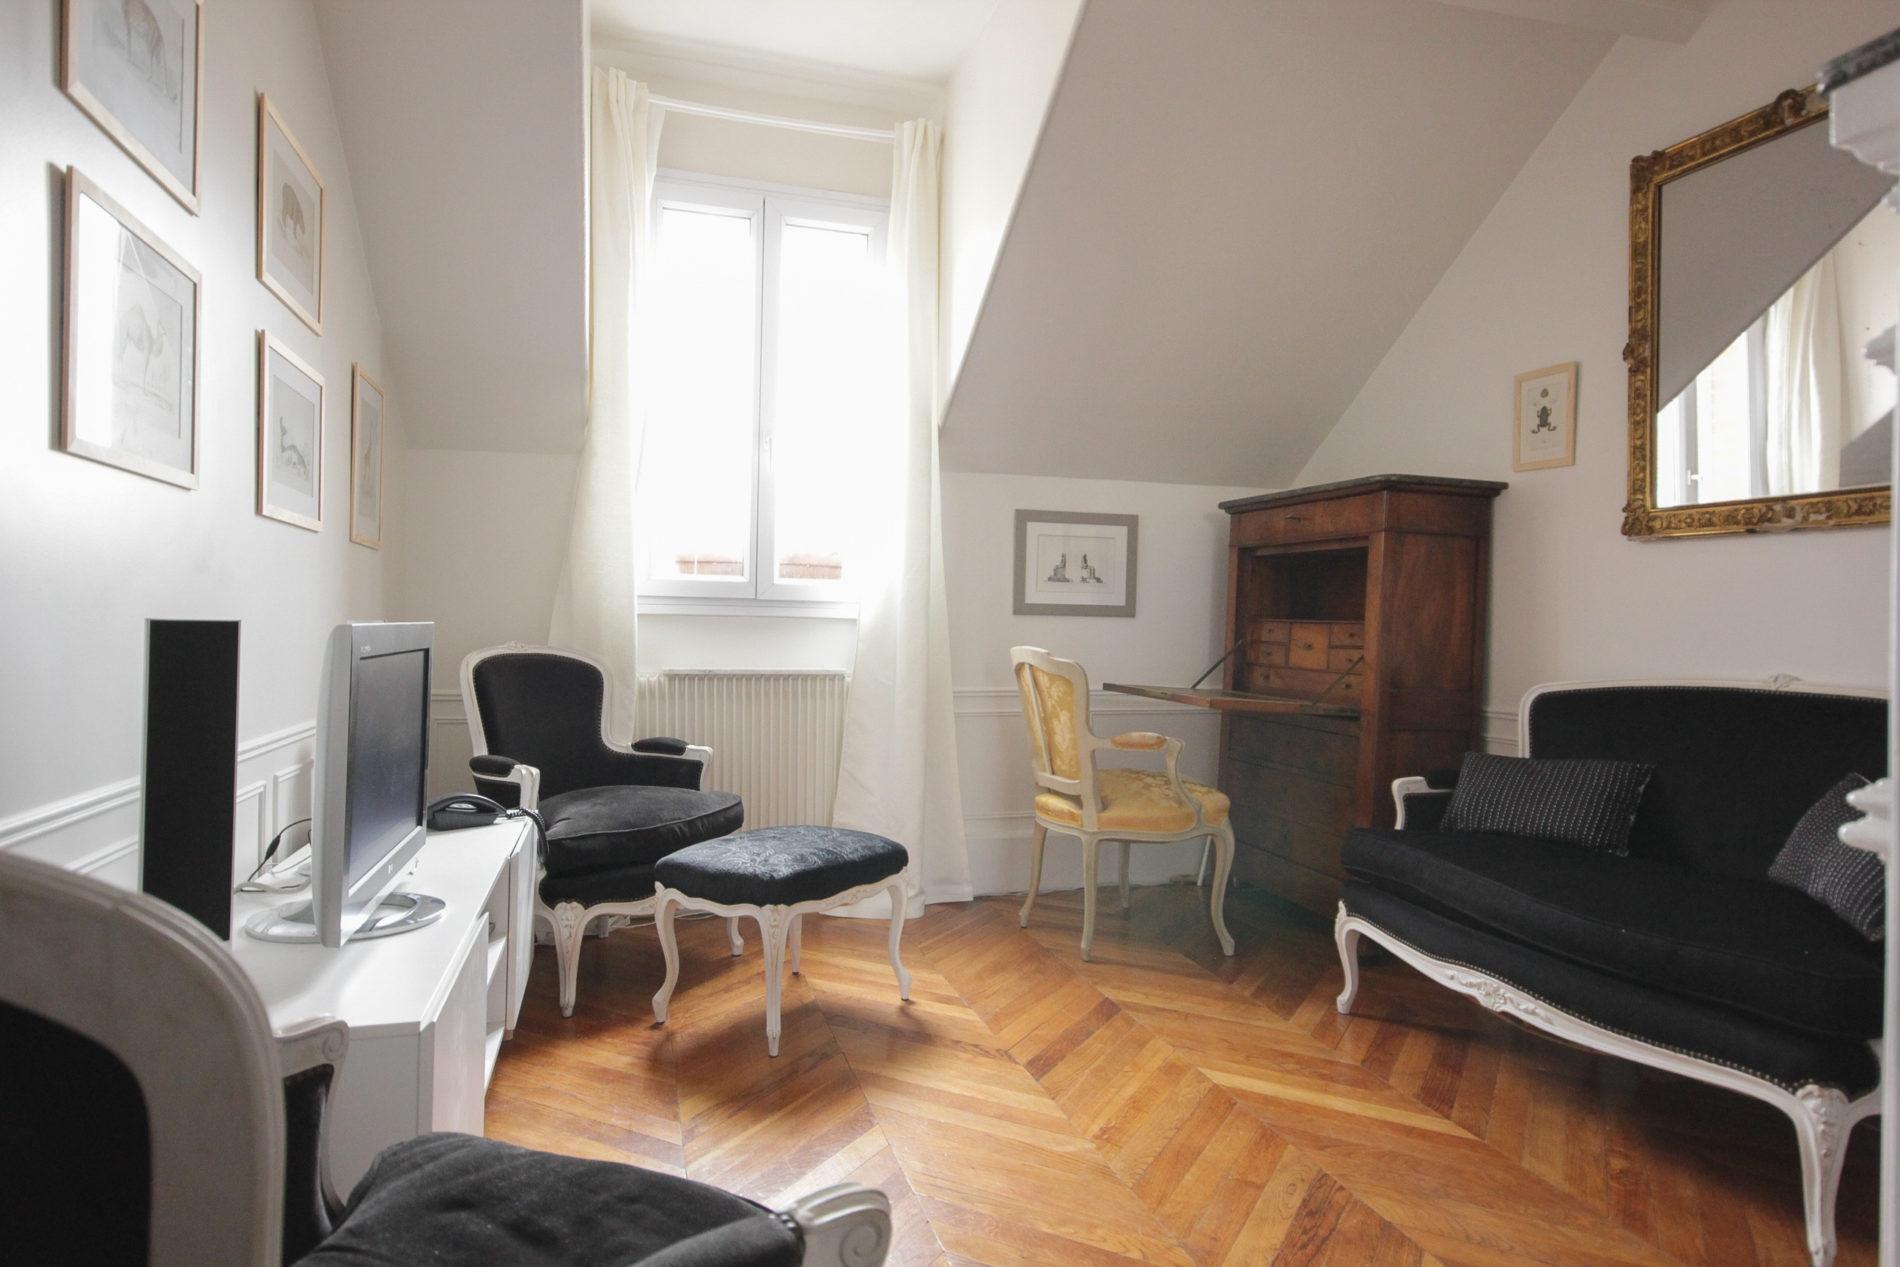 Decoration Appartement Haussmannien un petit 2 pièces sans charme se mue en appartement